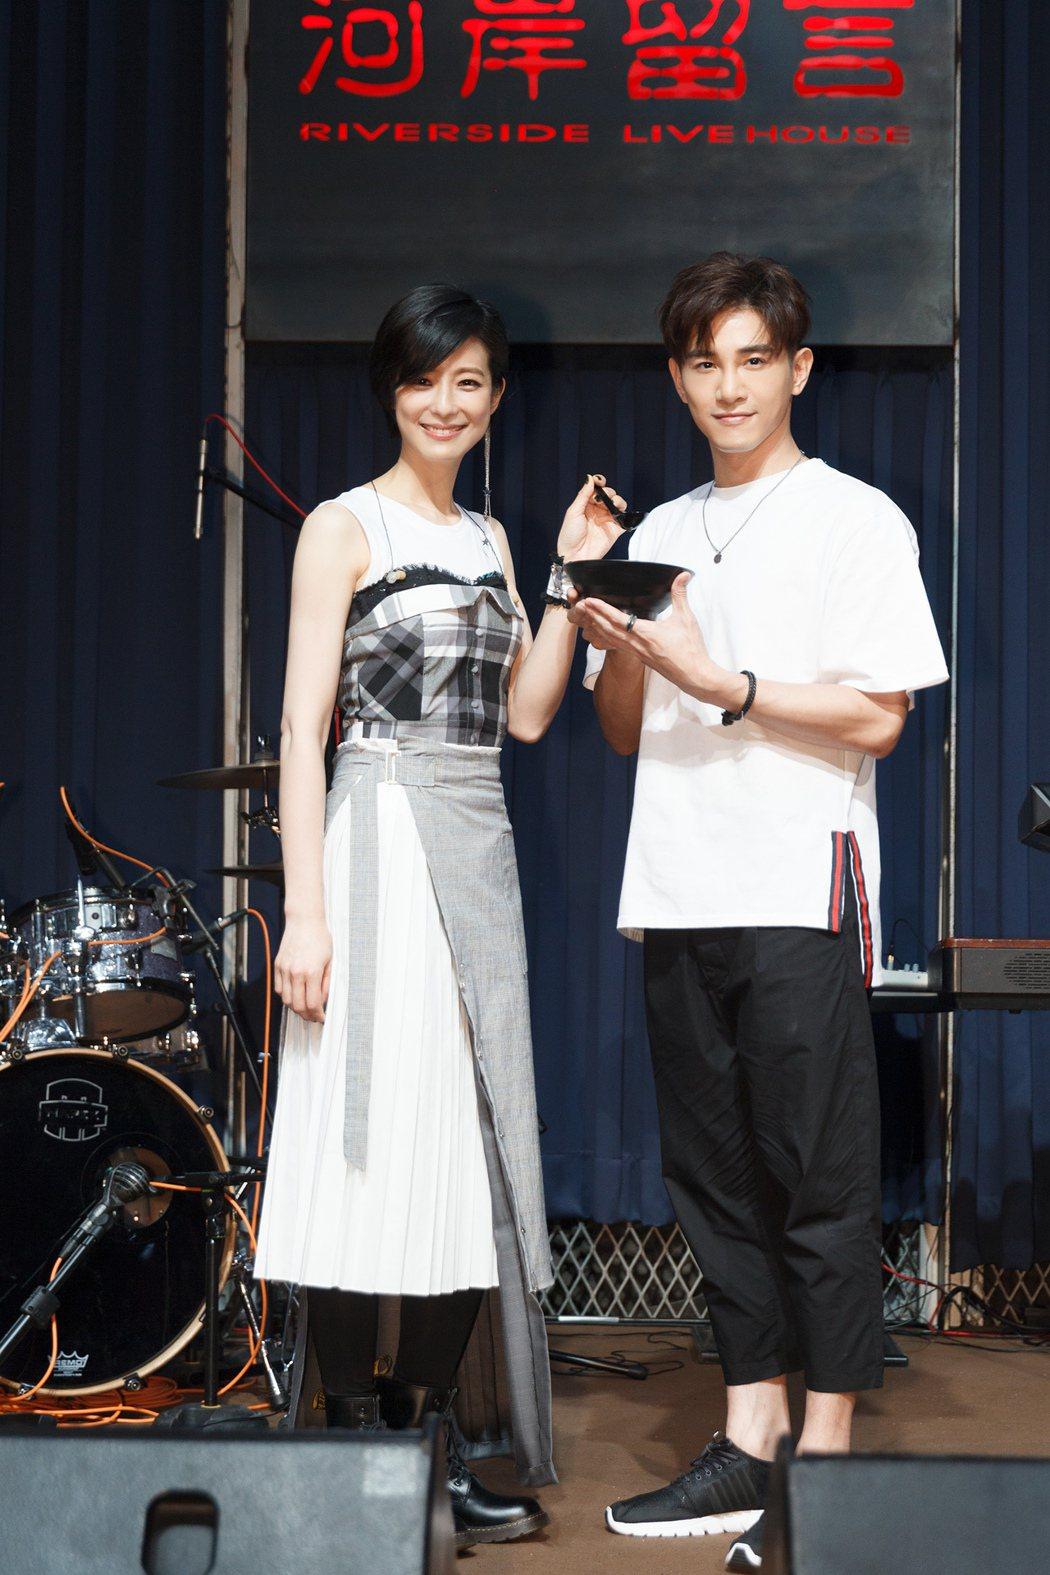 賴雅妍9日在河岸留言開唱,張立昂帶雞湯探班。圖/無限延伸提供